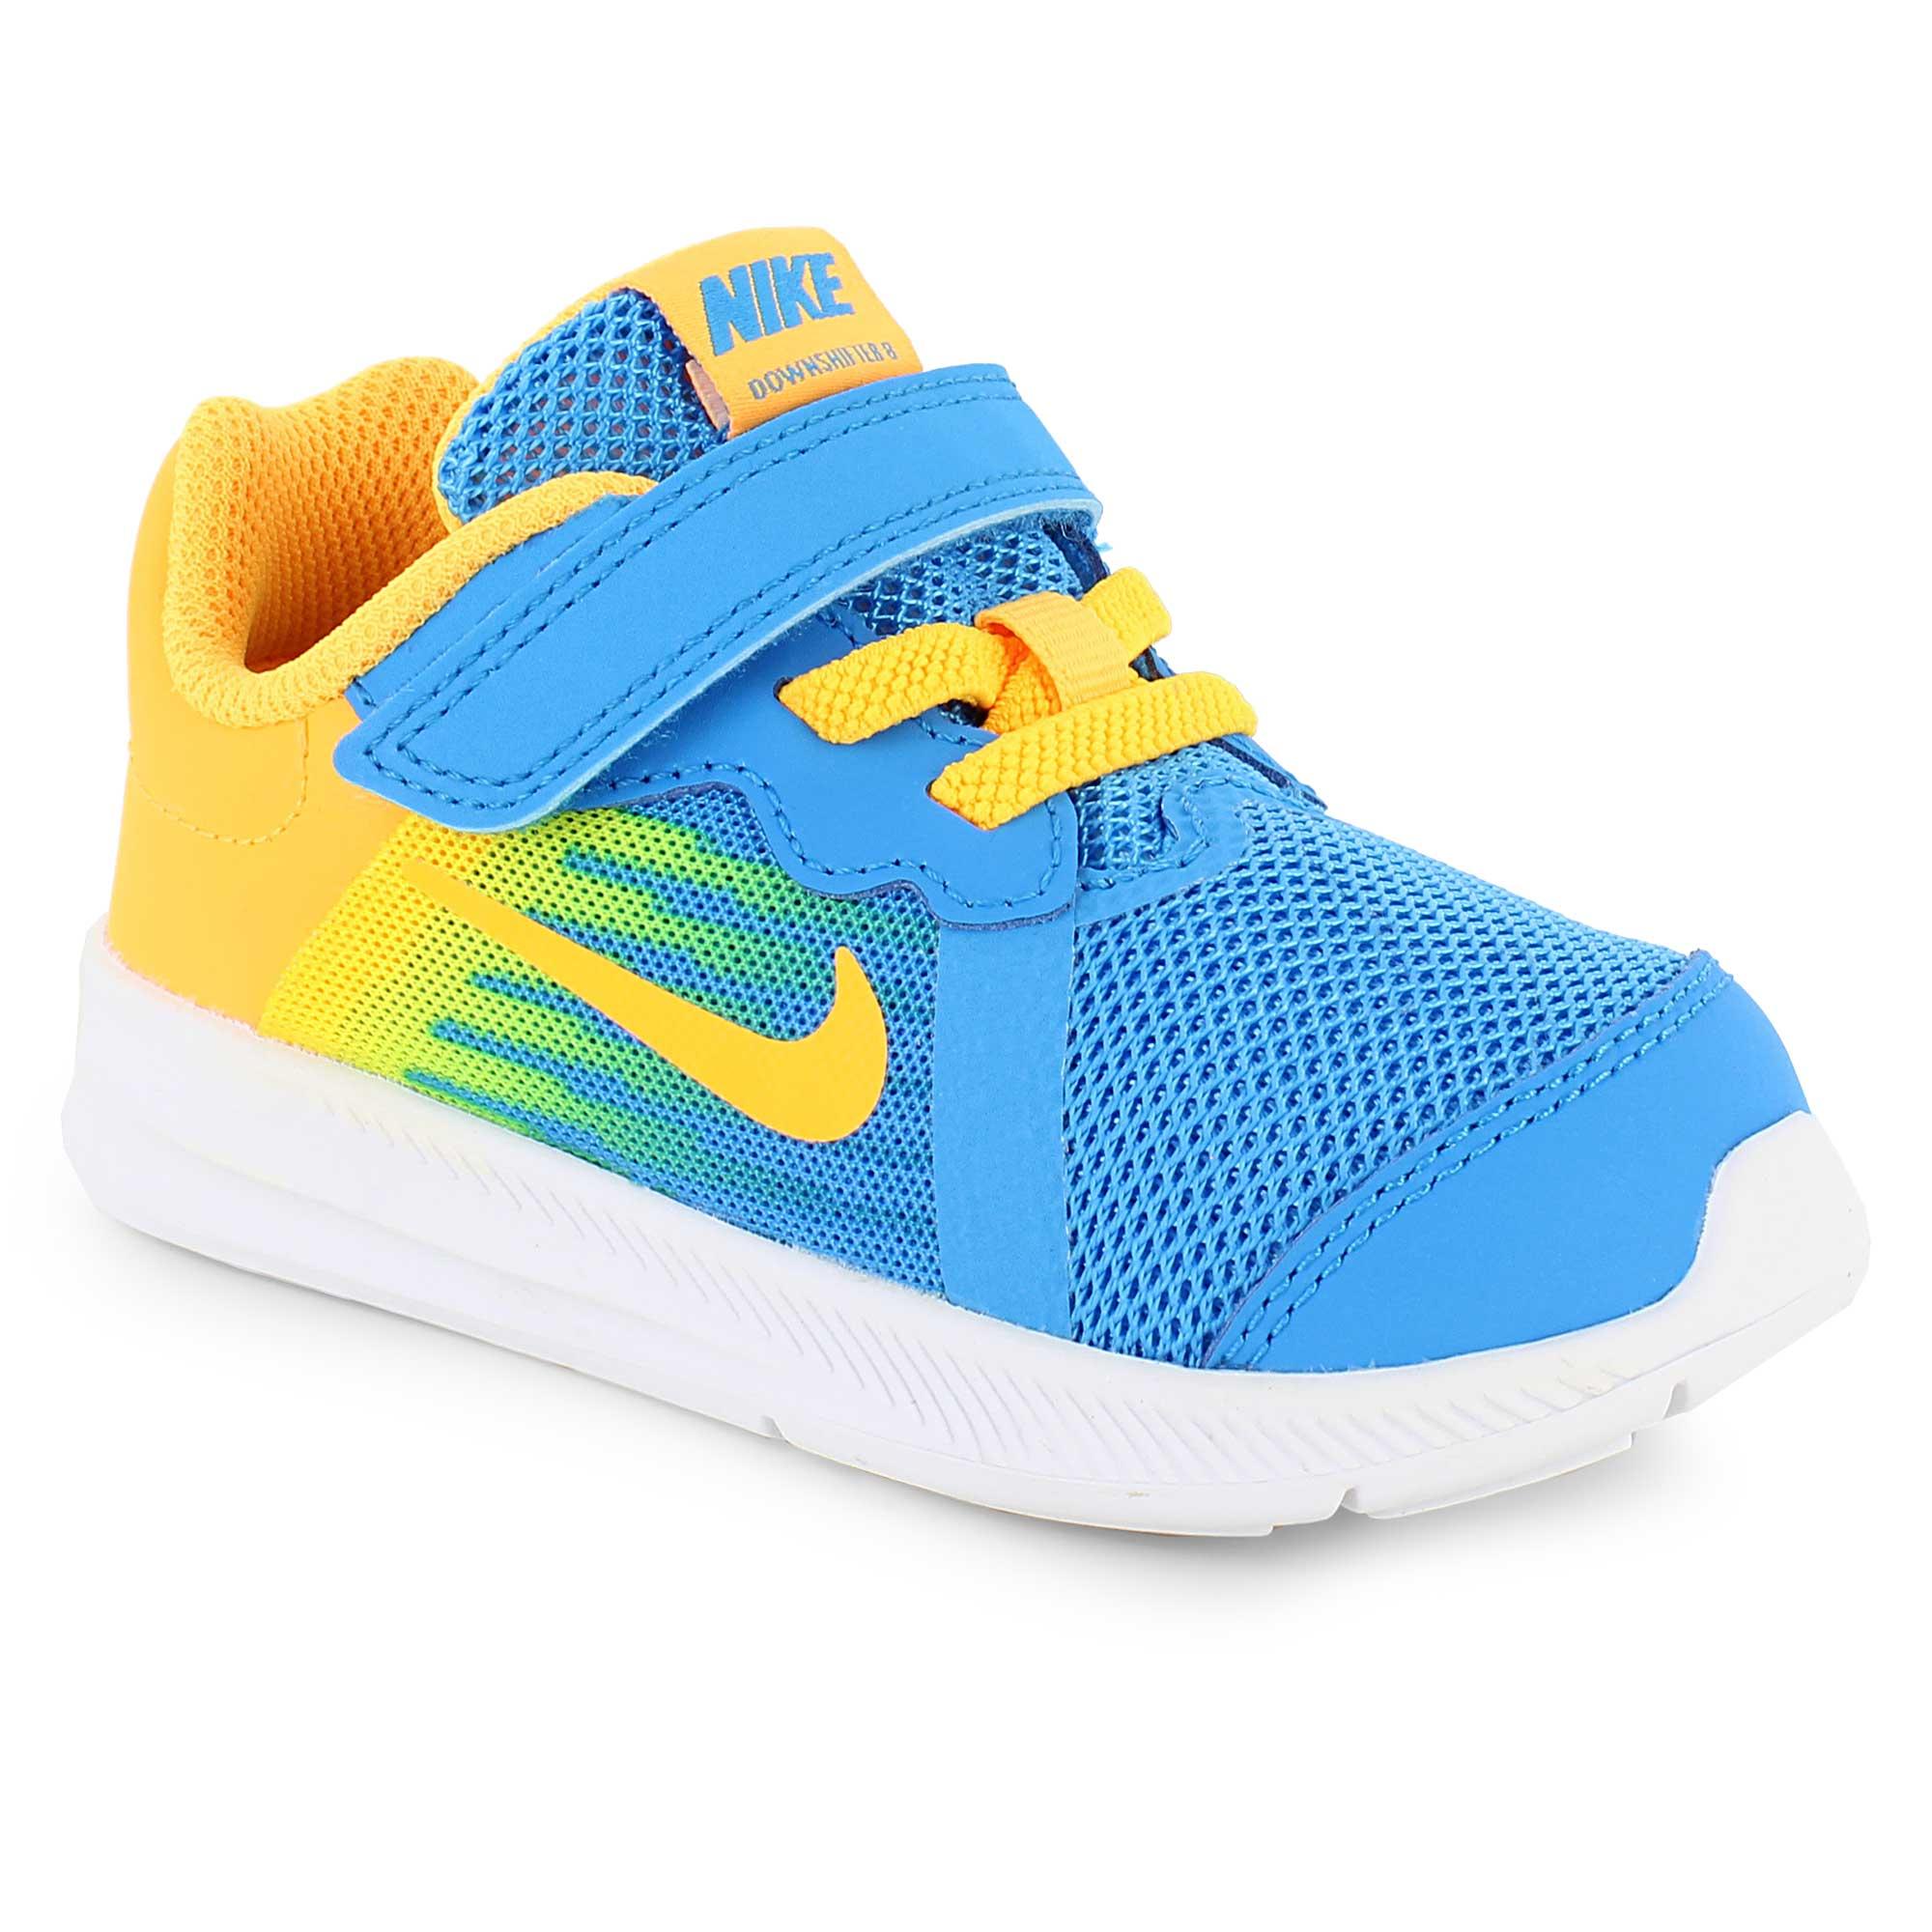 9e06dda83c37e Nike Downshifter 8 Fade